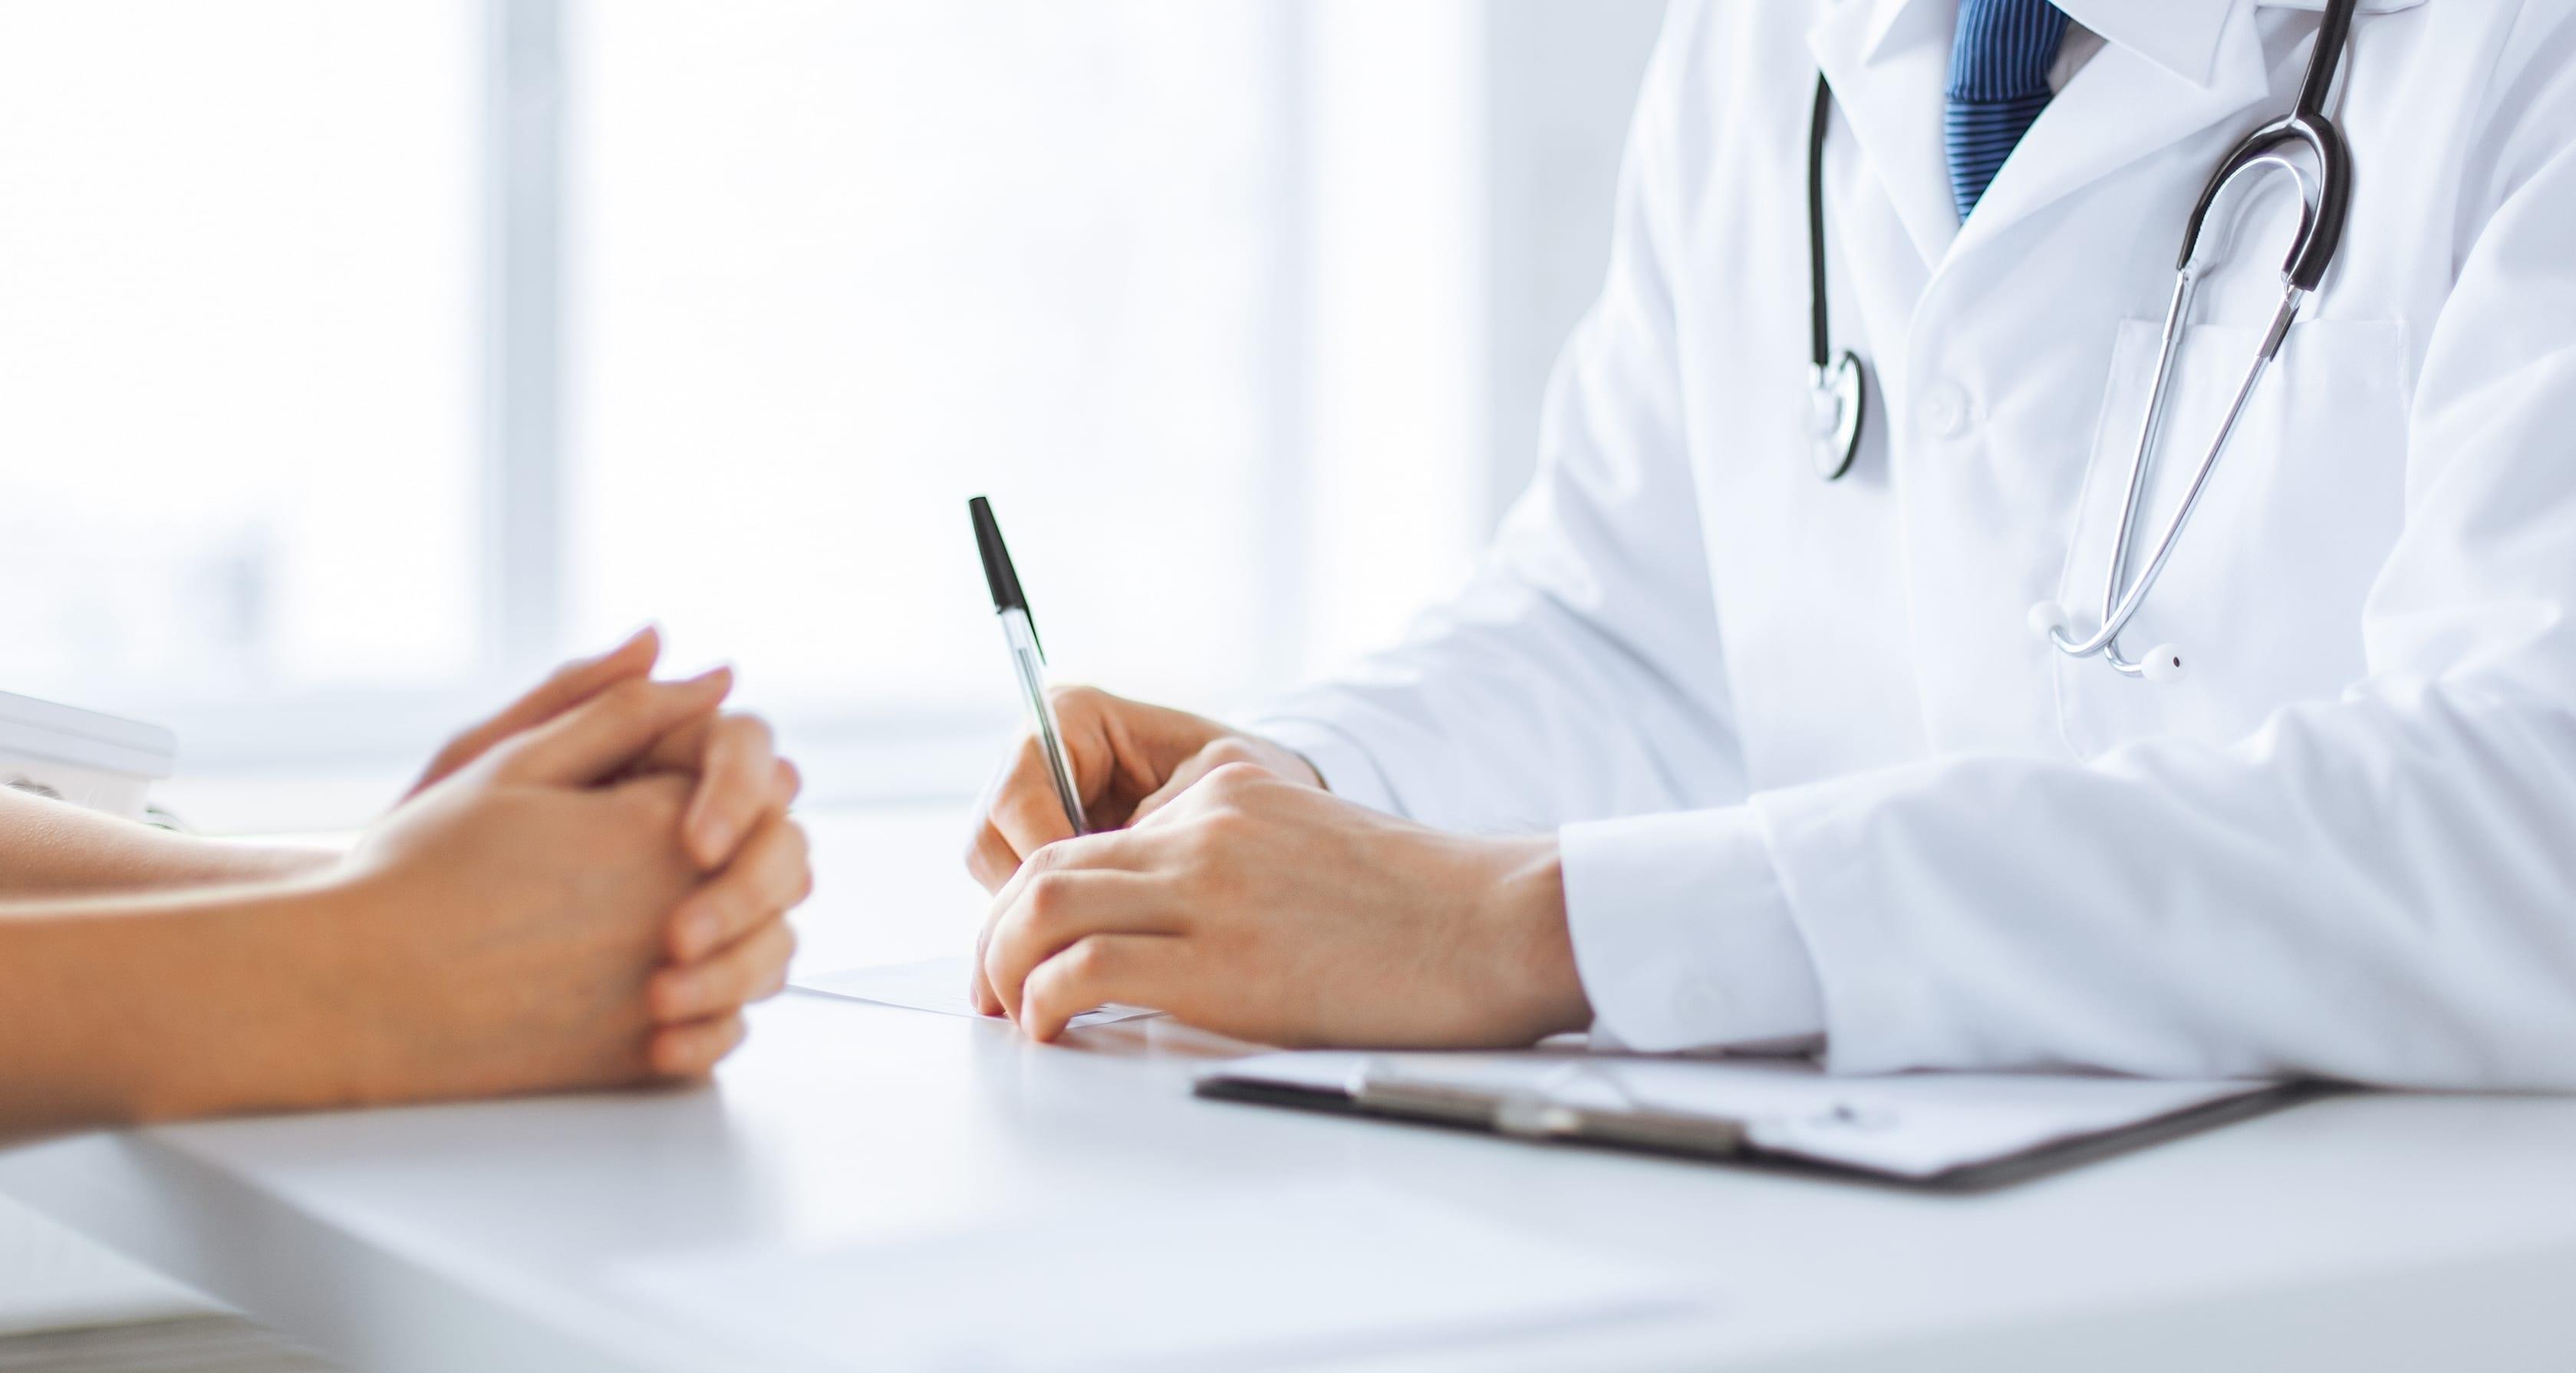 É fundamental que no momento do diagnóstico do câncer o oncologista informe ao paciente que é possível preservar a fertilidade antes do tratamento.